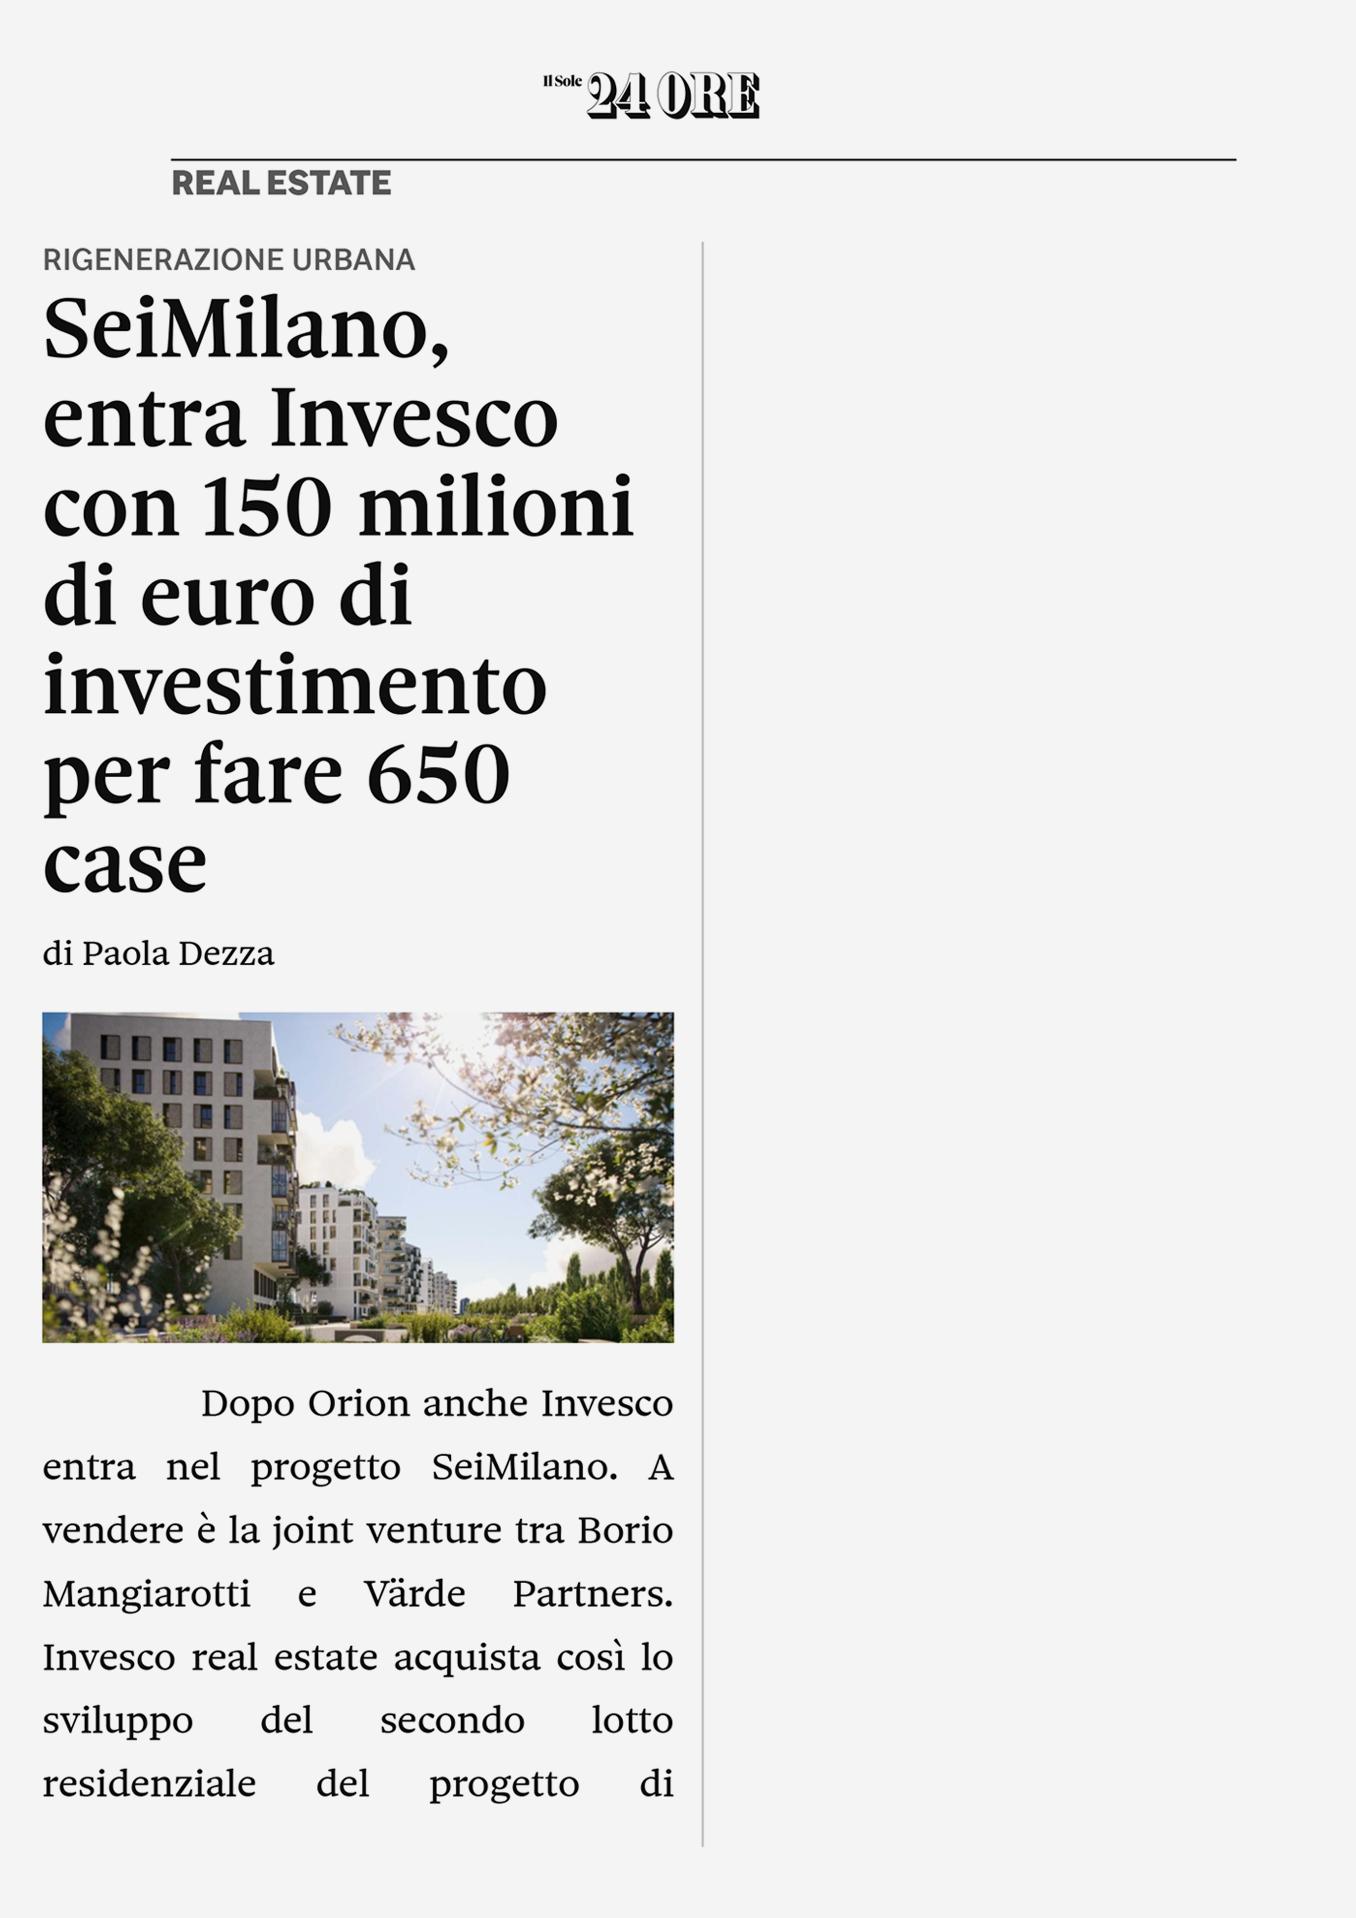 SeiMilano, venduto a Invesco Real Estate il secondo lotto residenziale